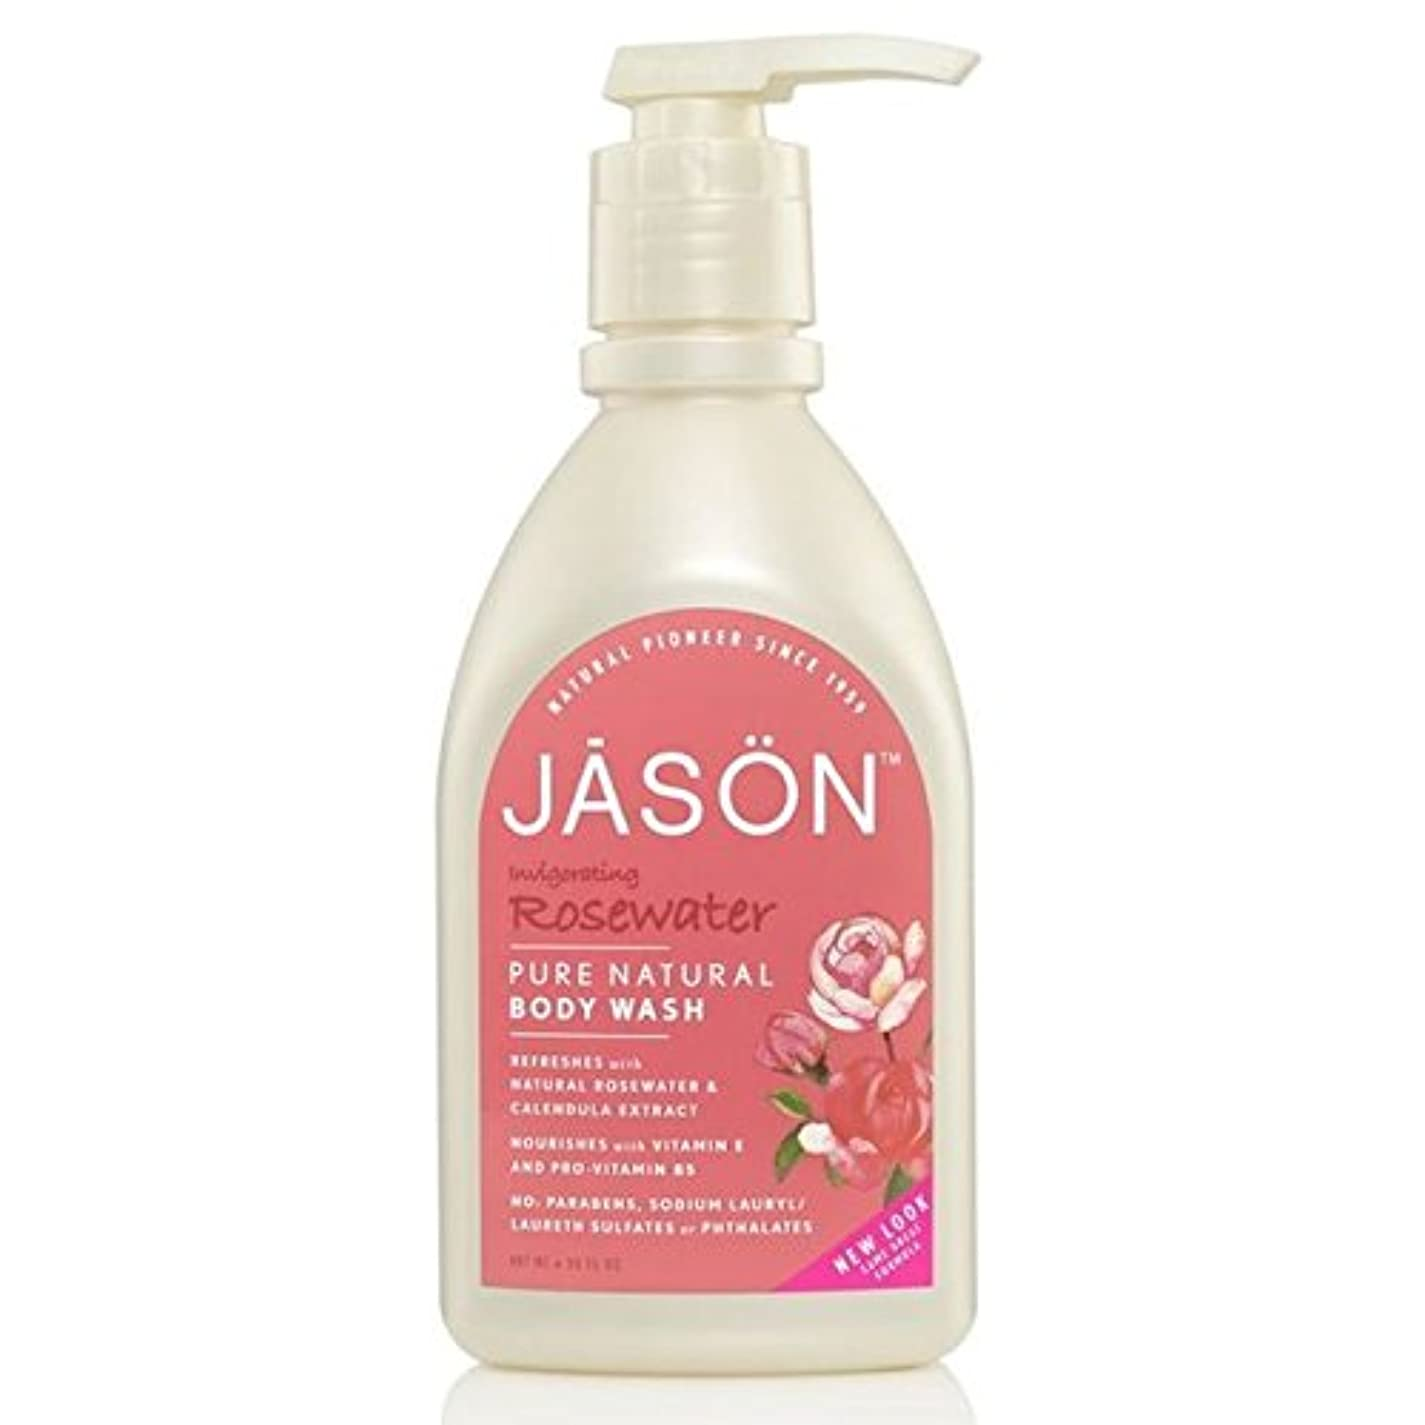 日の出擬人化擬人ジェイソン?ボディウォッシュローズウォーターサテンシャワー900ミリリットル x4 - Jason Body Wash Rosewater Satin Shower 900ml (Pack of 4) [並行輸入品]